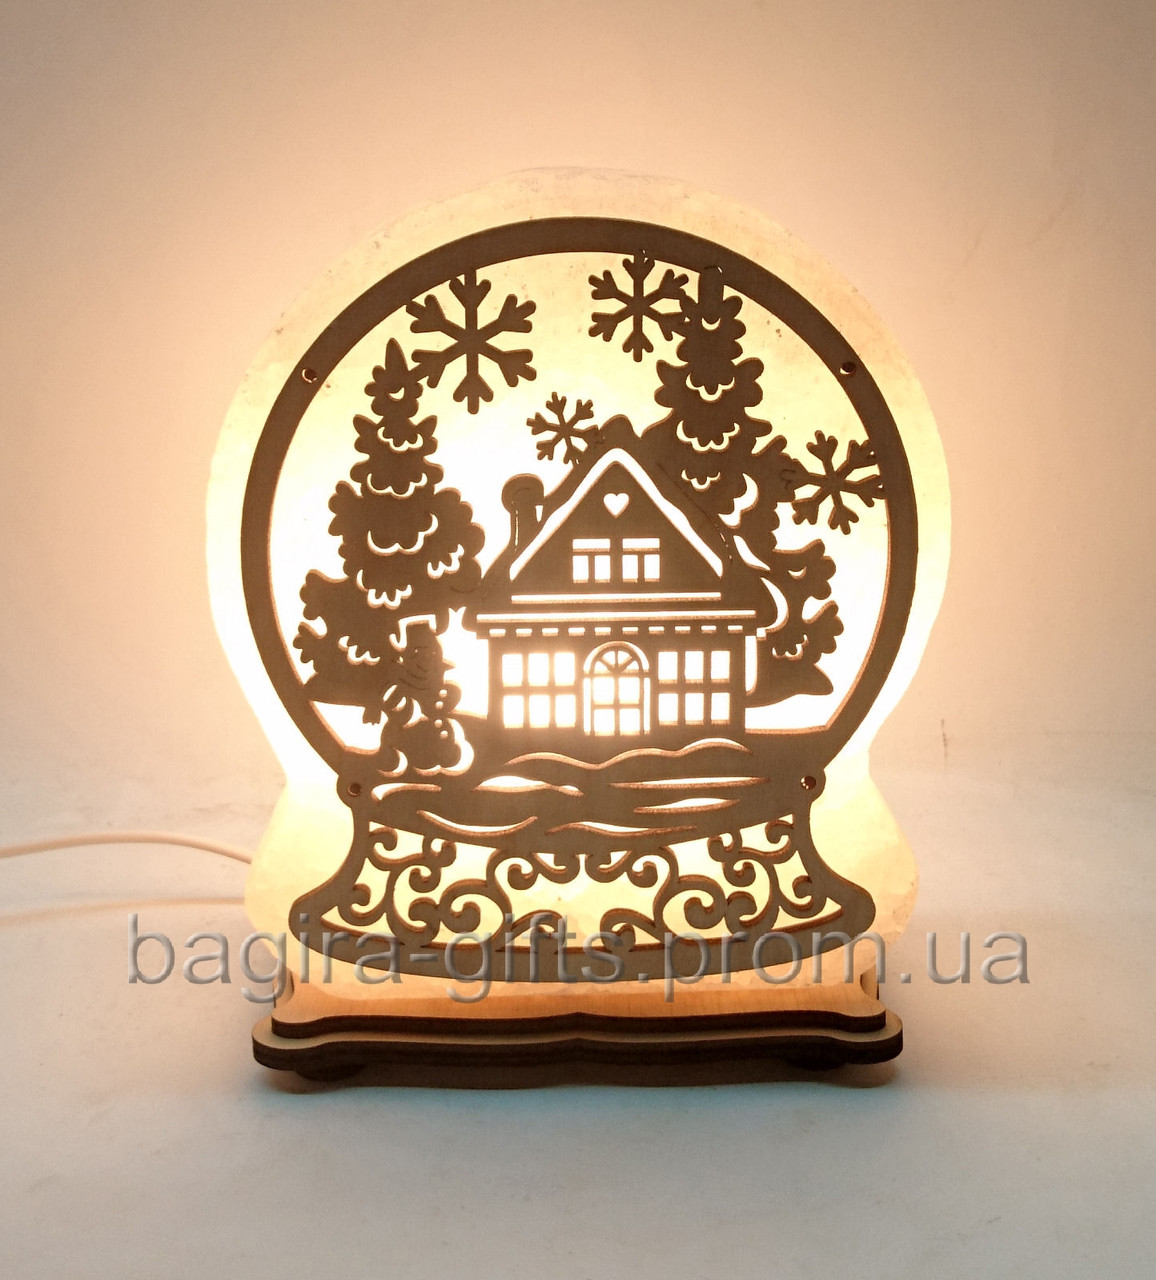 Соляная лампа Сказочный шар